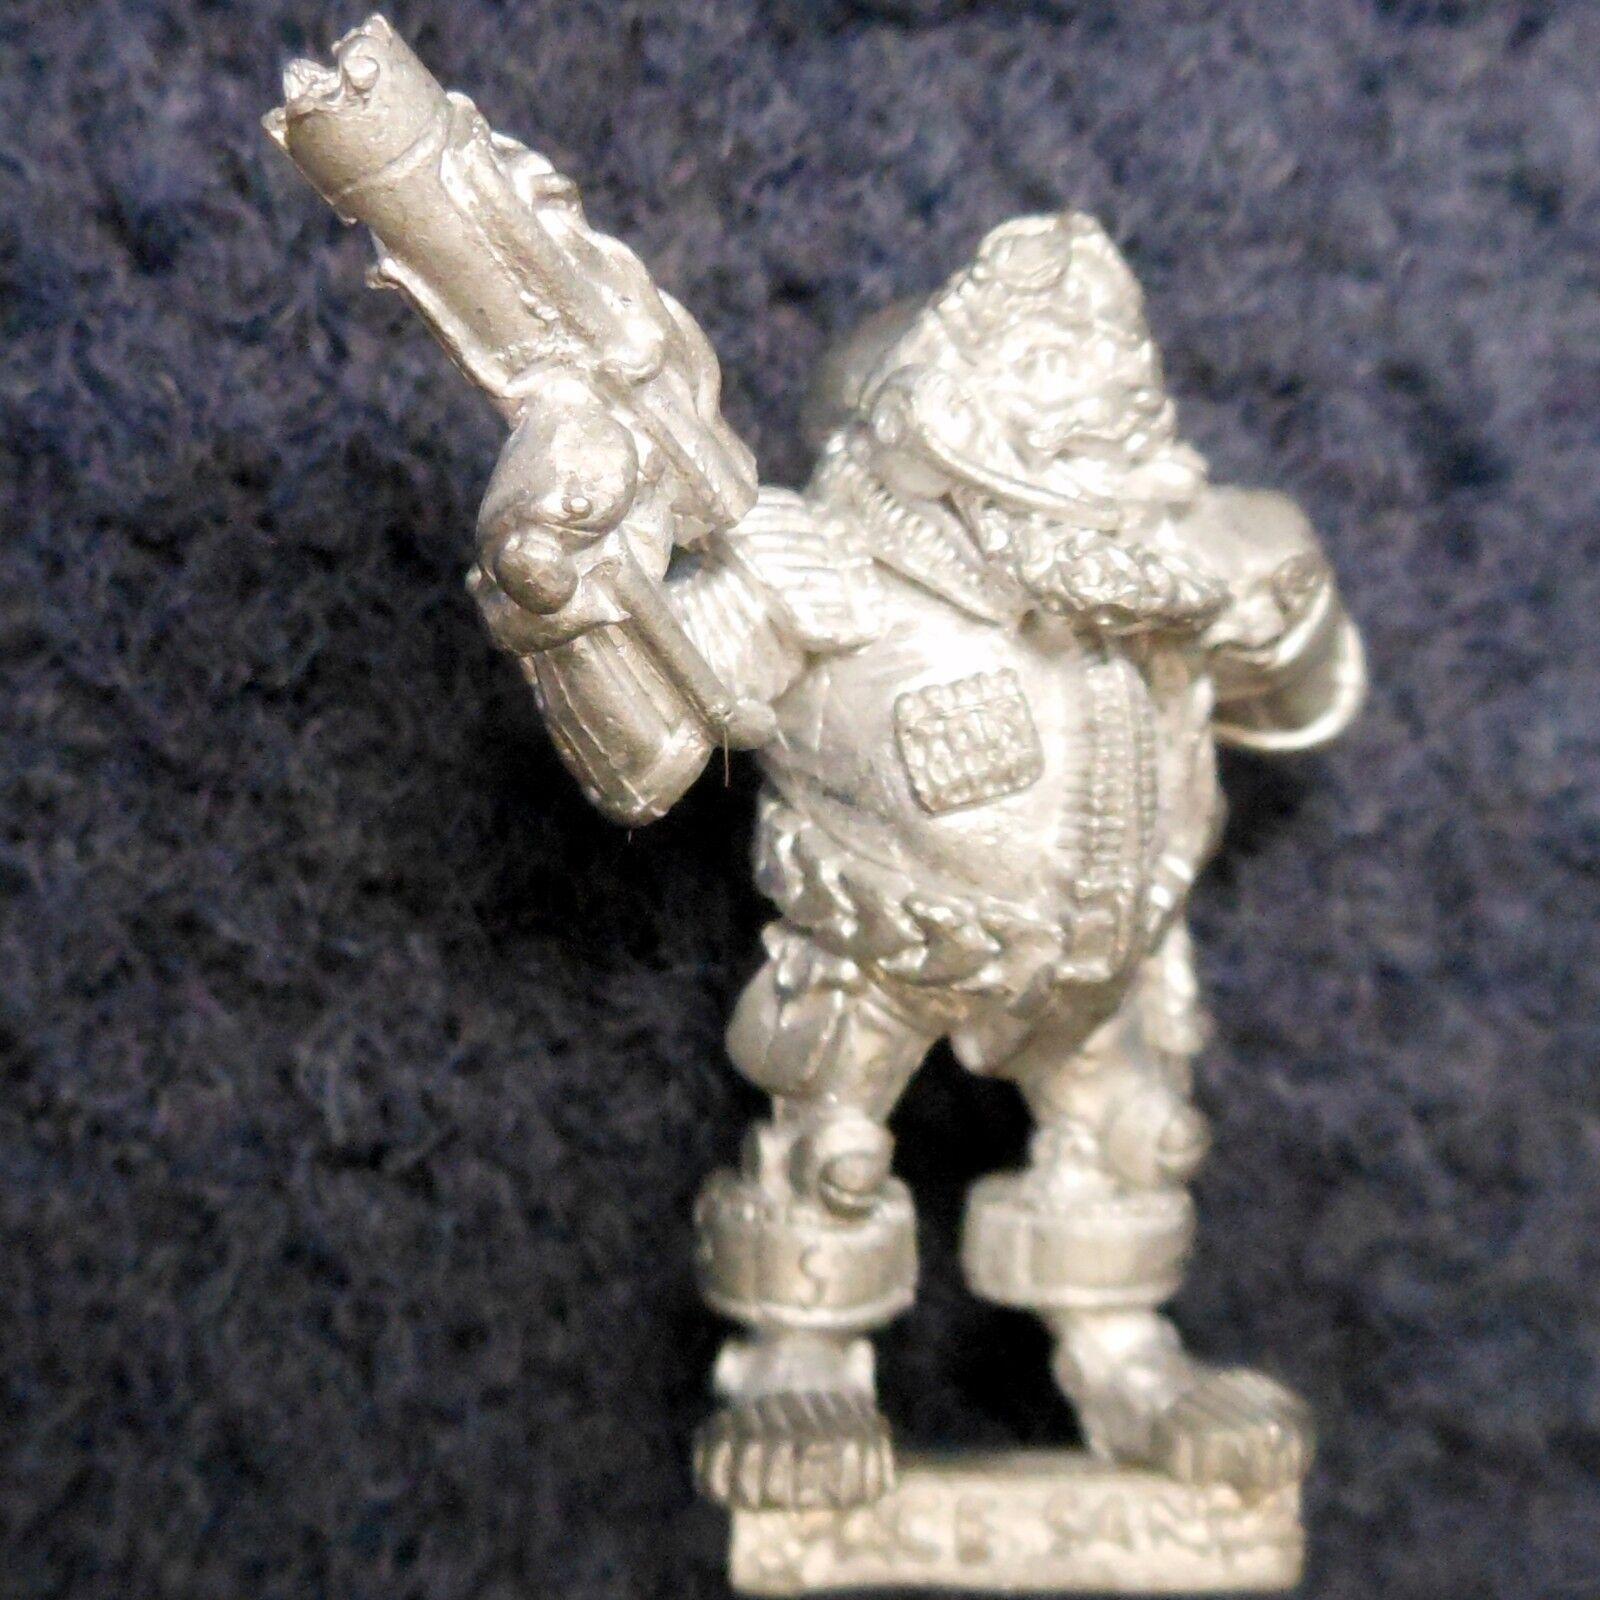 1985 LE6 spazio BABBO NATALE  Edizione Limitata Citadel Warhammer BABBO NATALE GW  scegli il tuo preferito